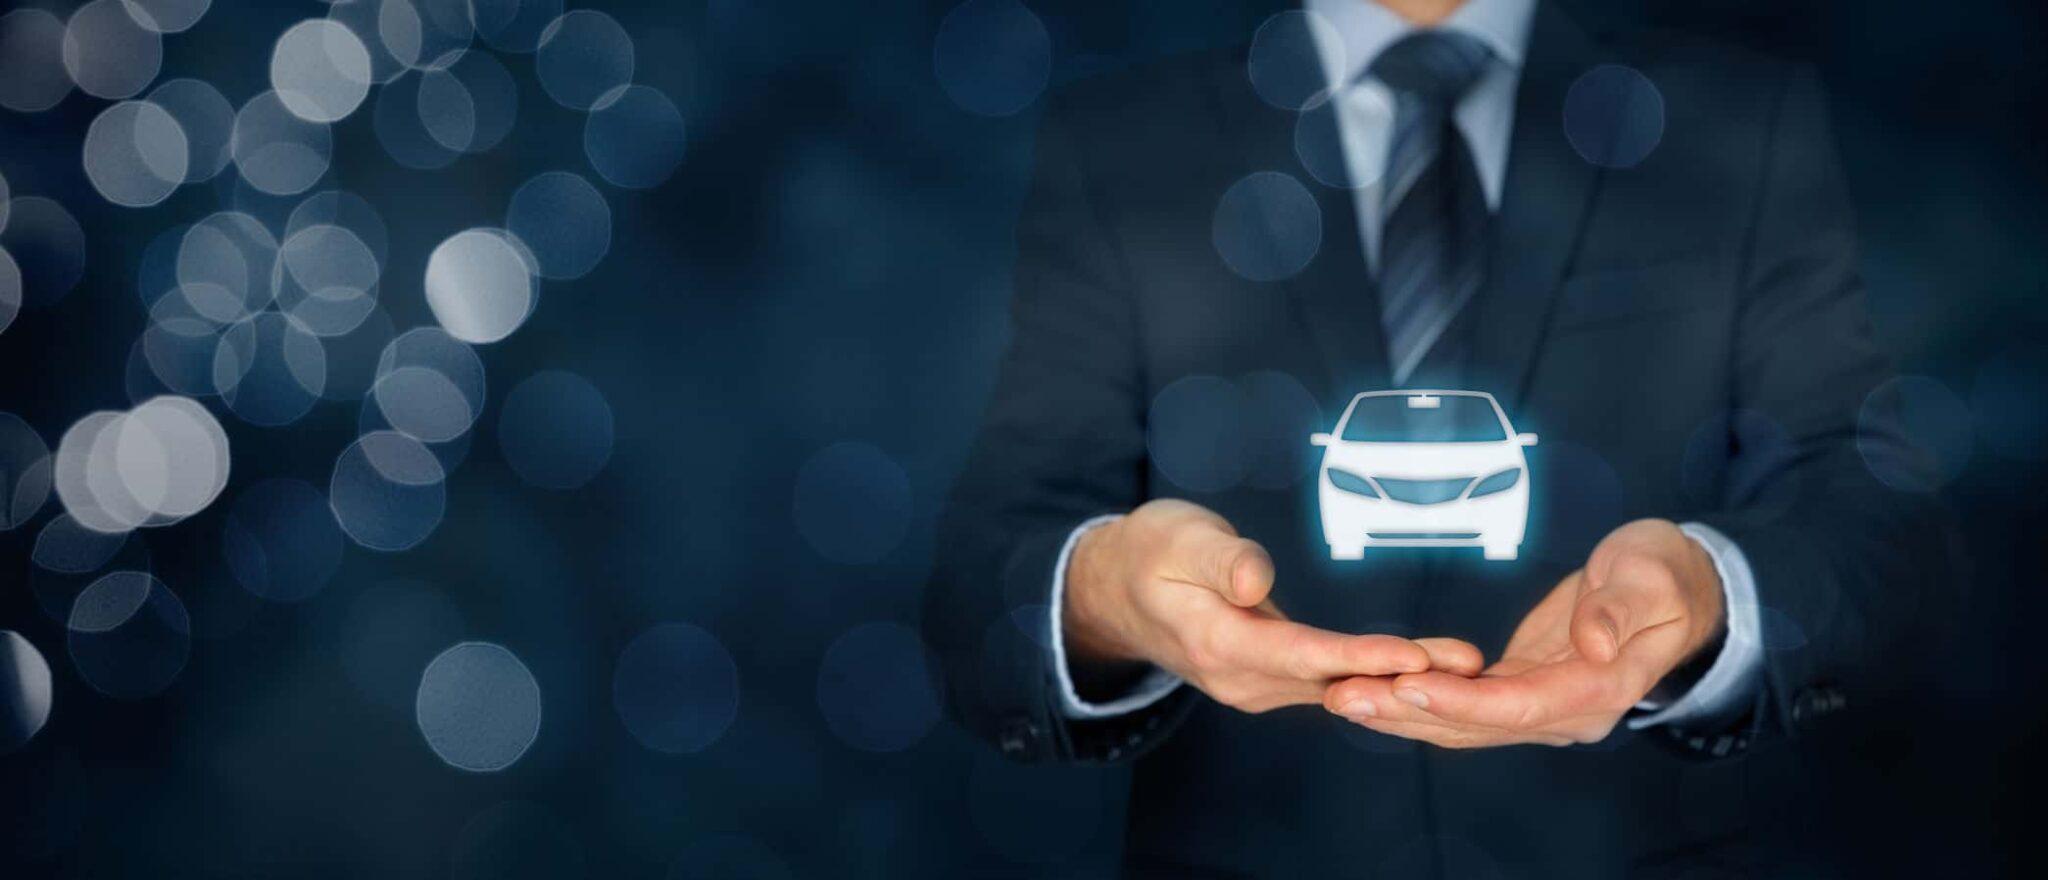 Automobile businessman